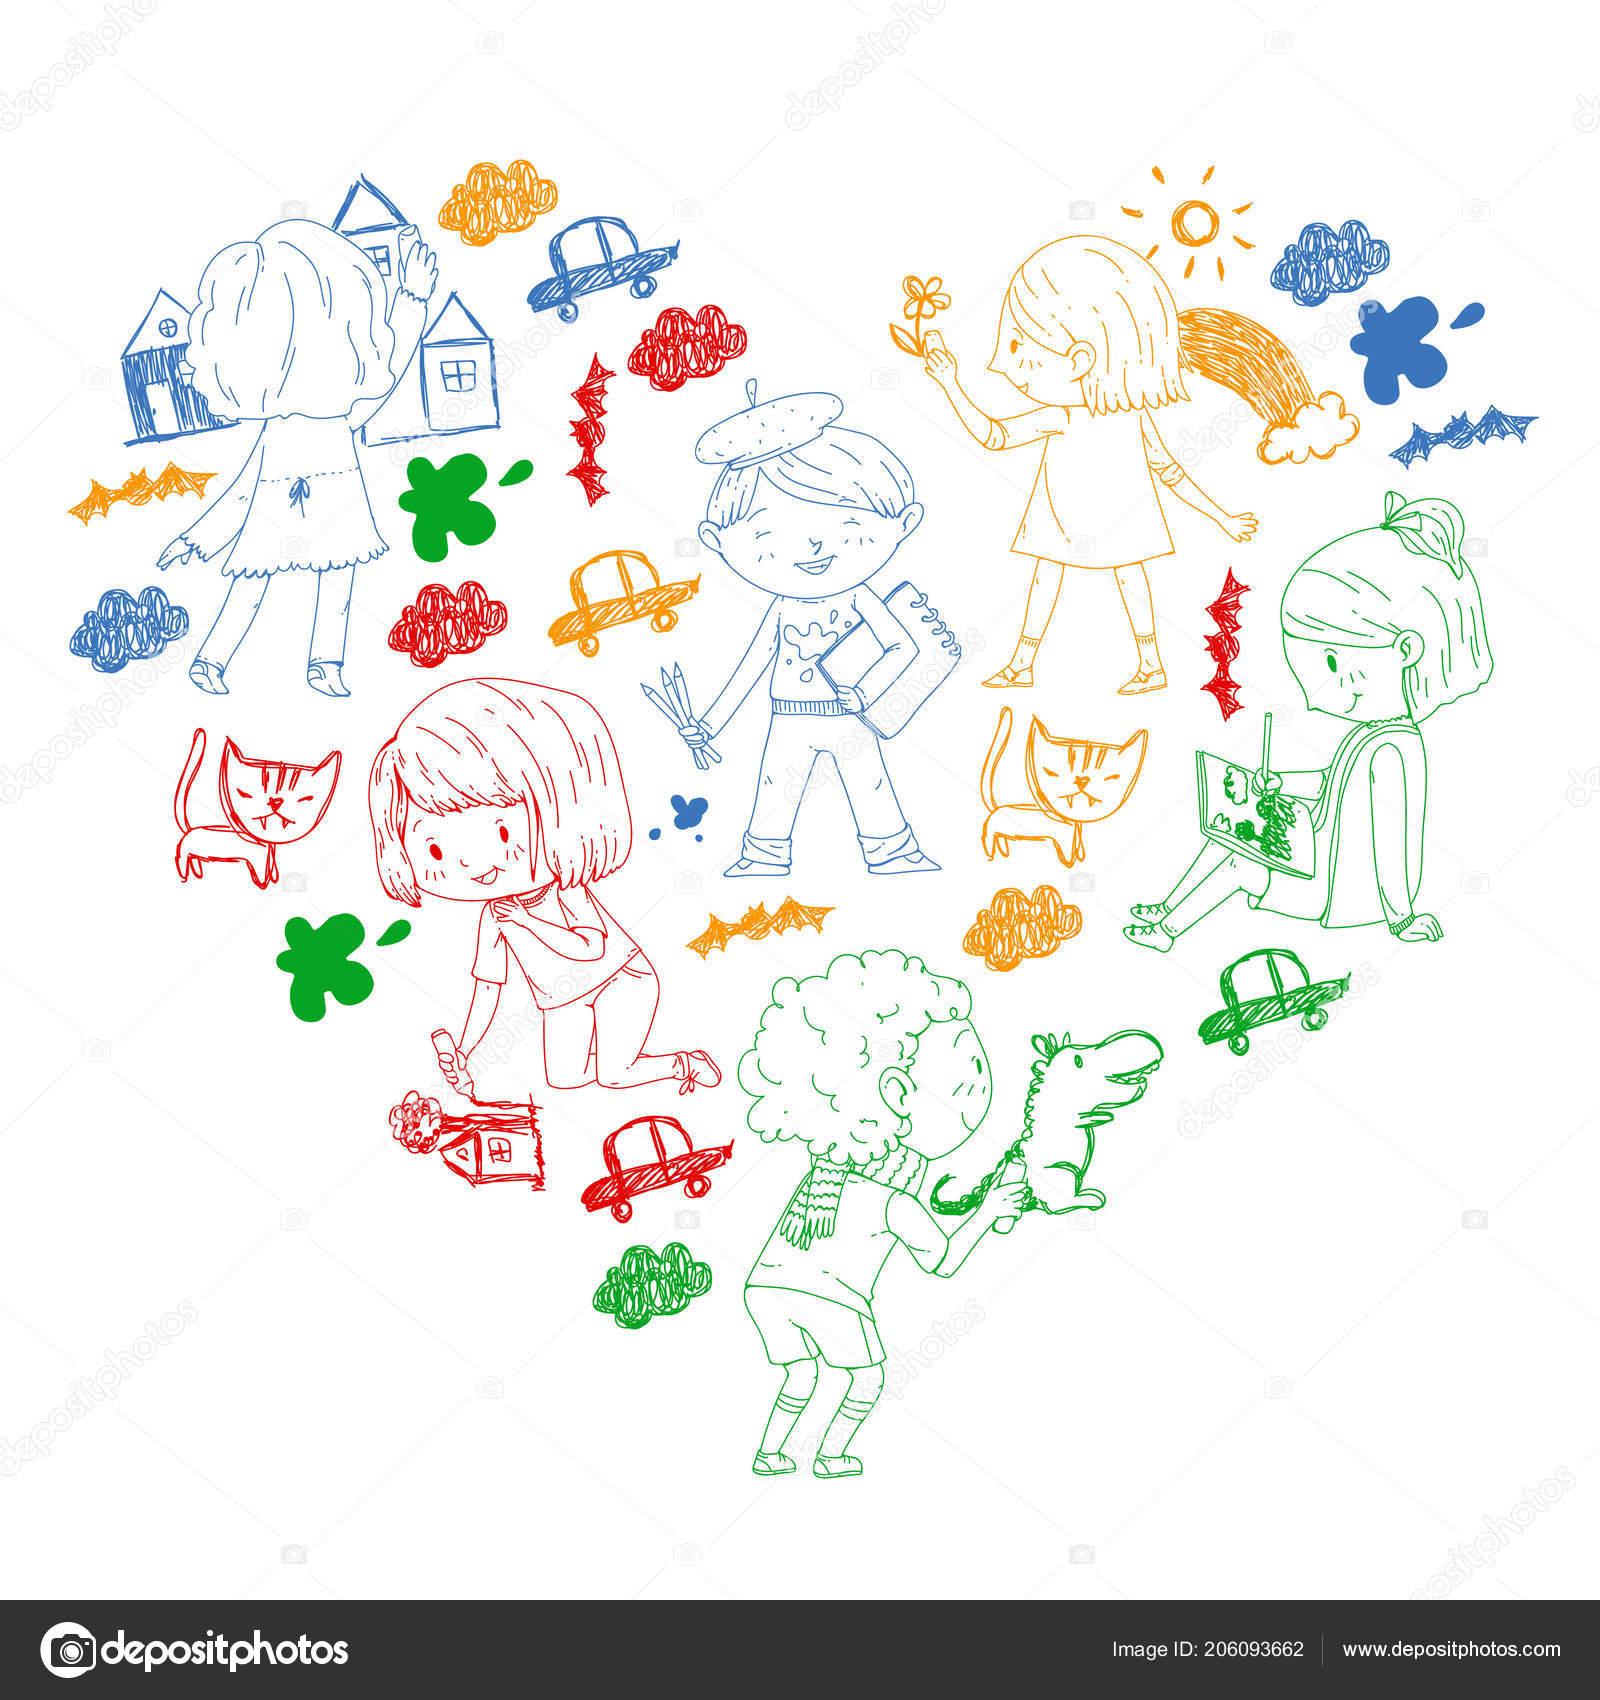 çocuk Boyama Okulu Ve Anaokulu çocukları Yaratıcı Sınıf Eğitim